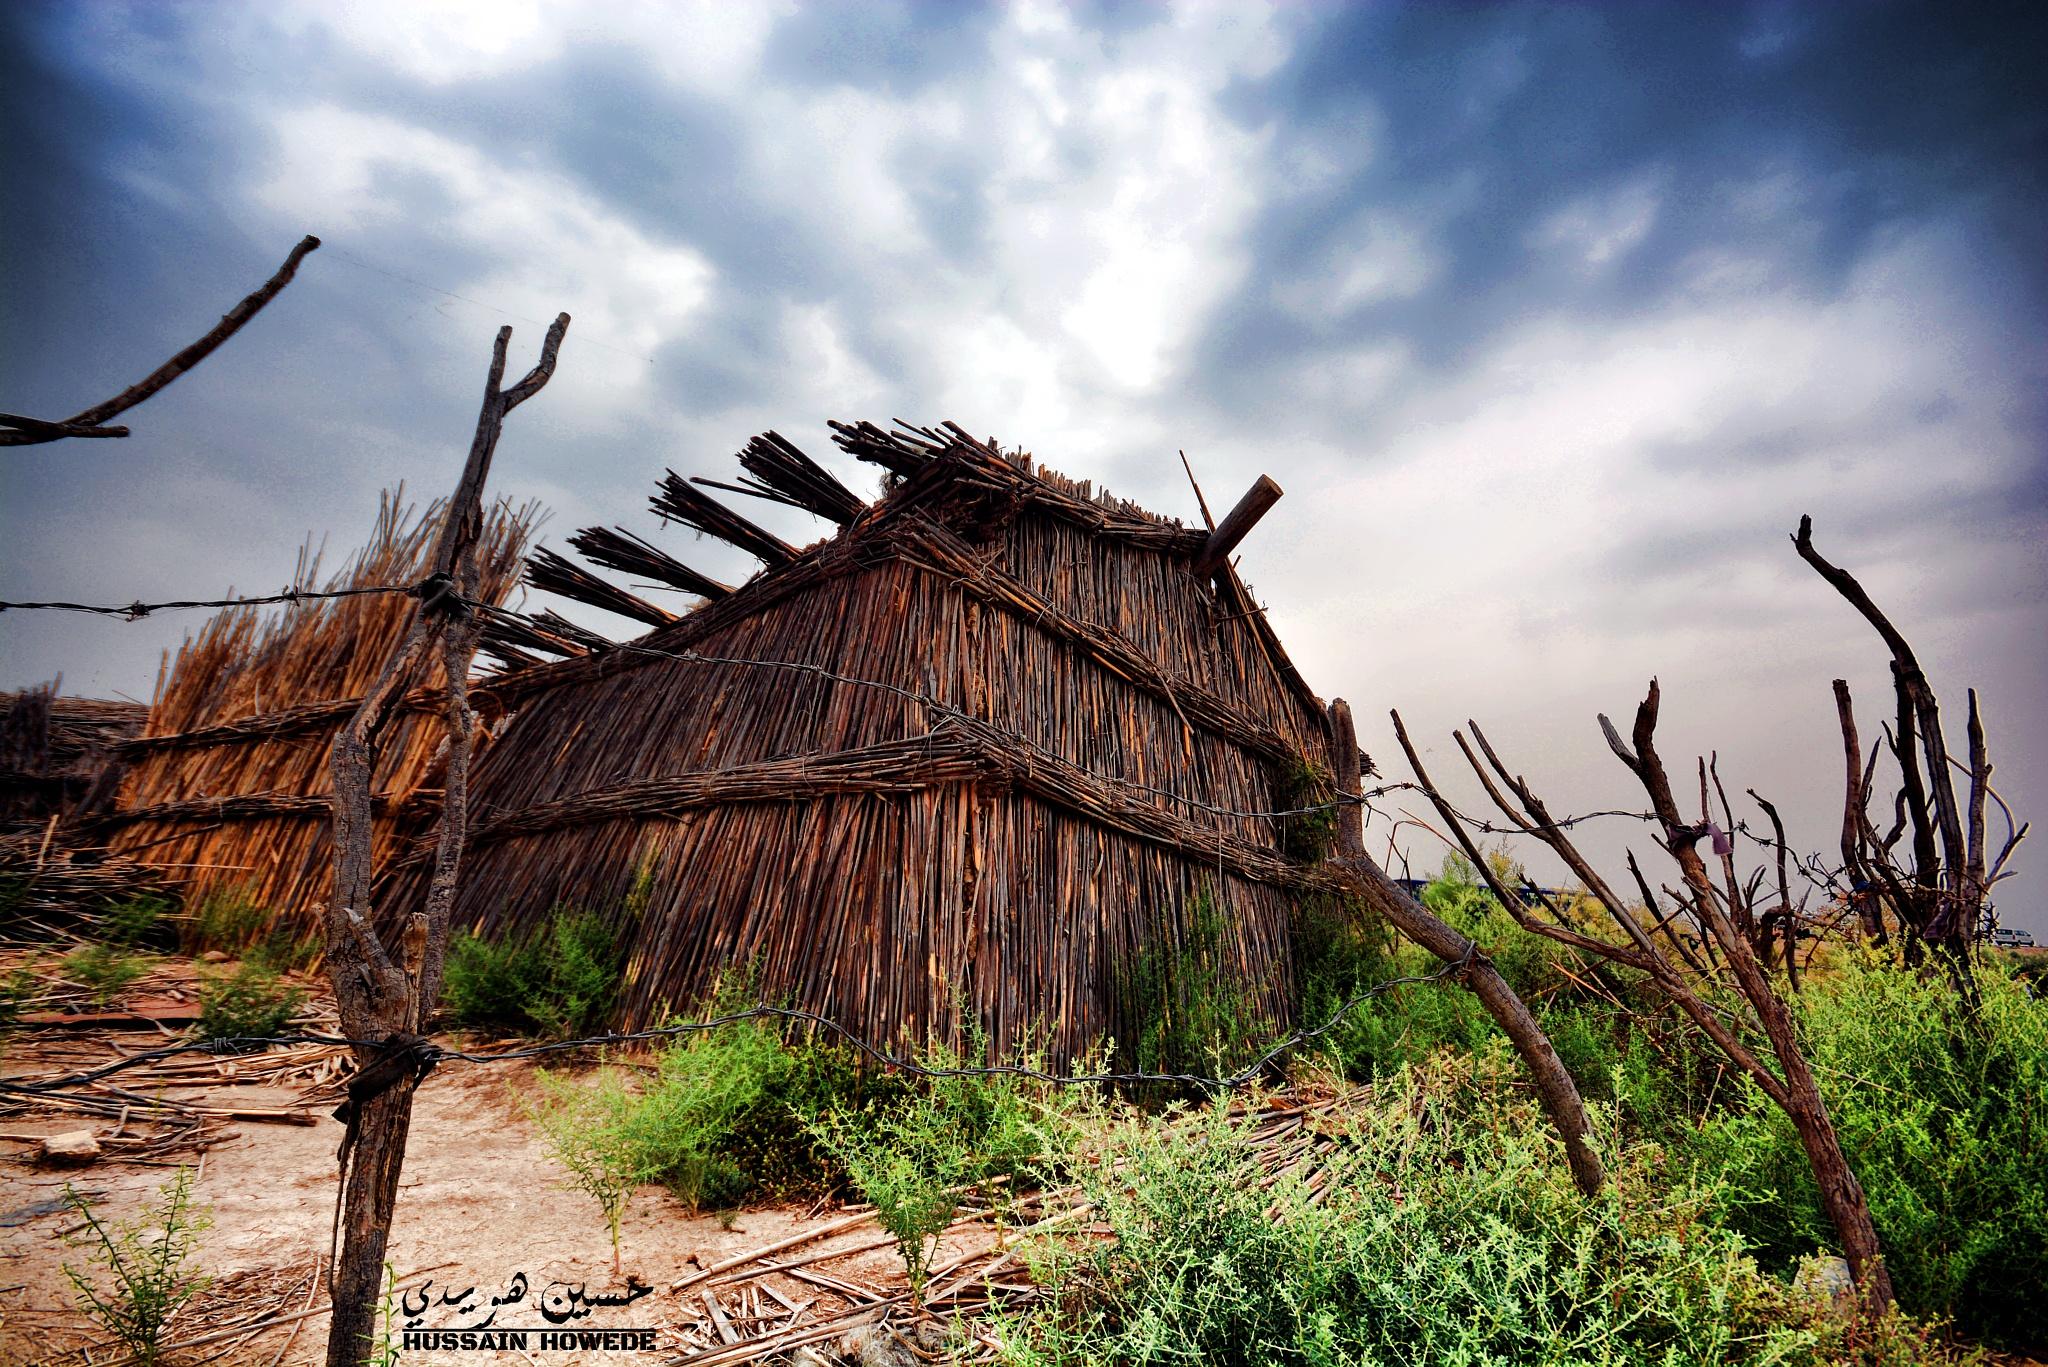 بيت القصب - Reed House  by hussainhowede